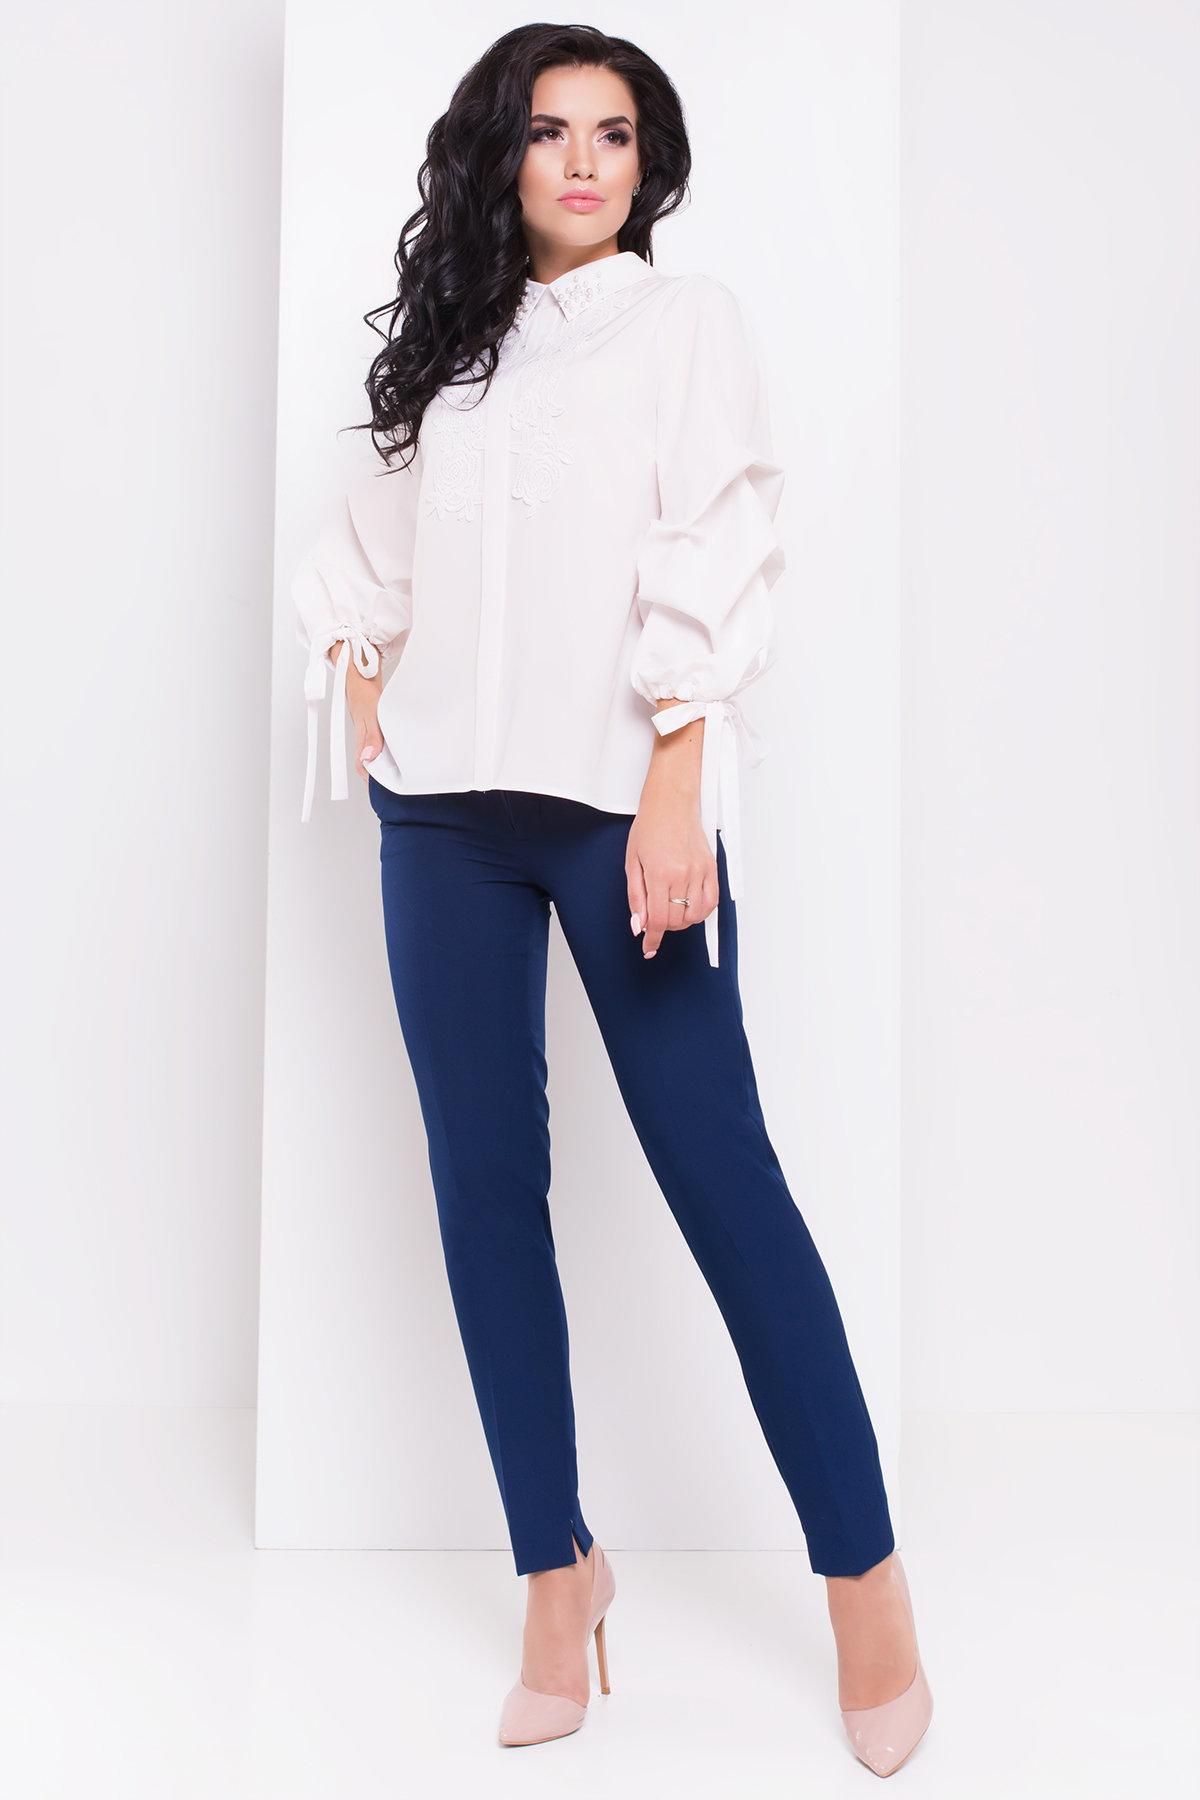 Купить в Украине рубашки женские от производителя Блуза Марни 3236